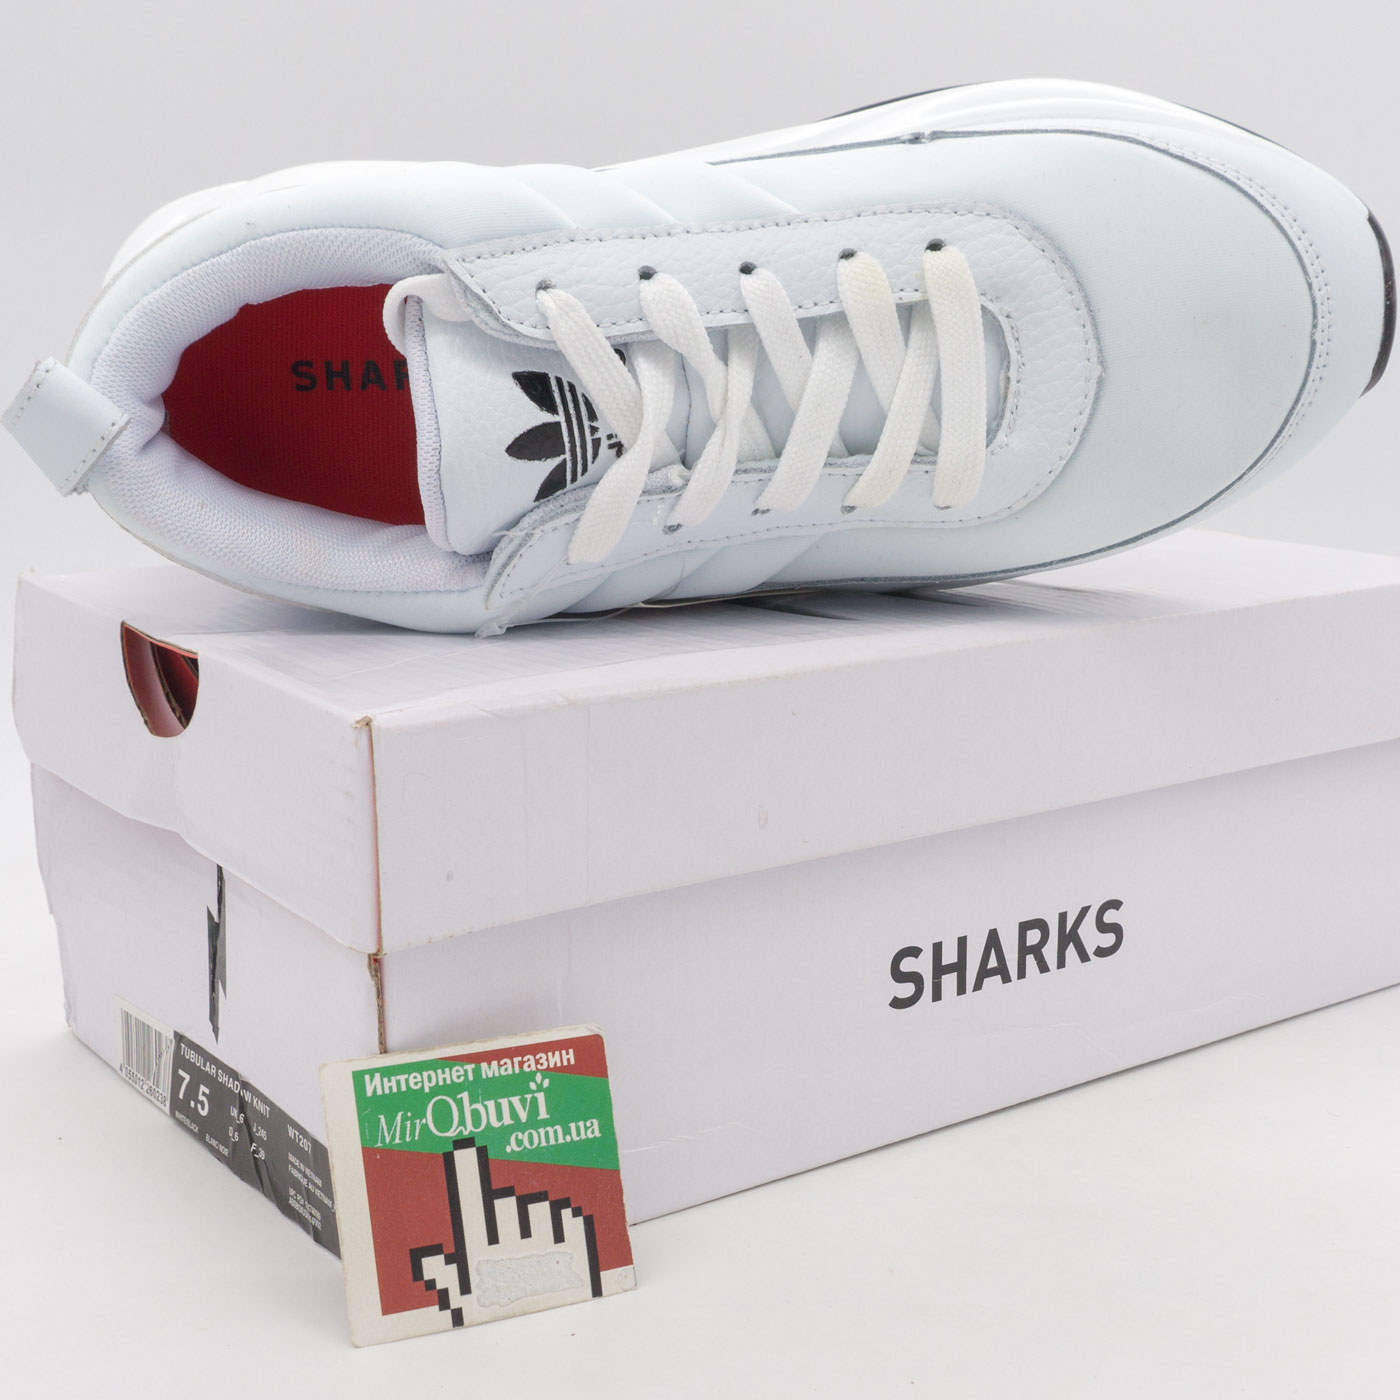 фото back Женские кроссовки Adidas Sharks белые. back